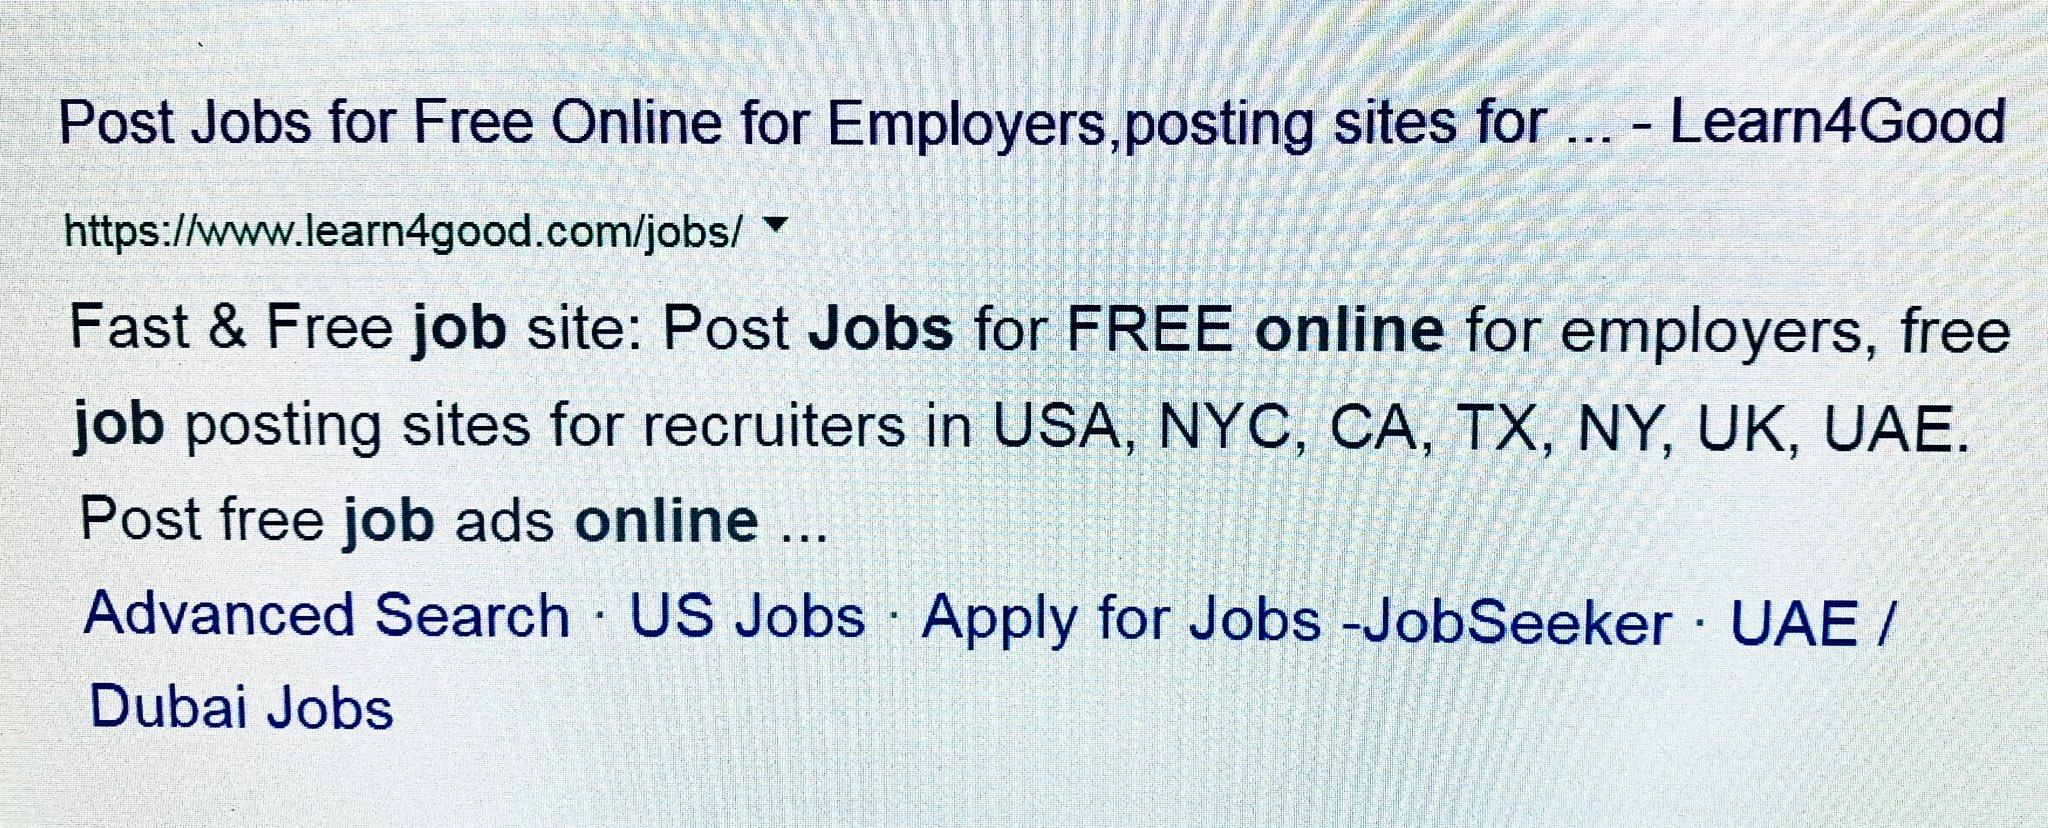 free job posting sites in uae